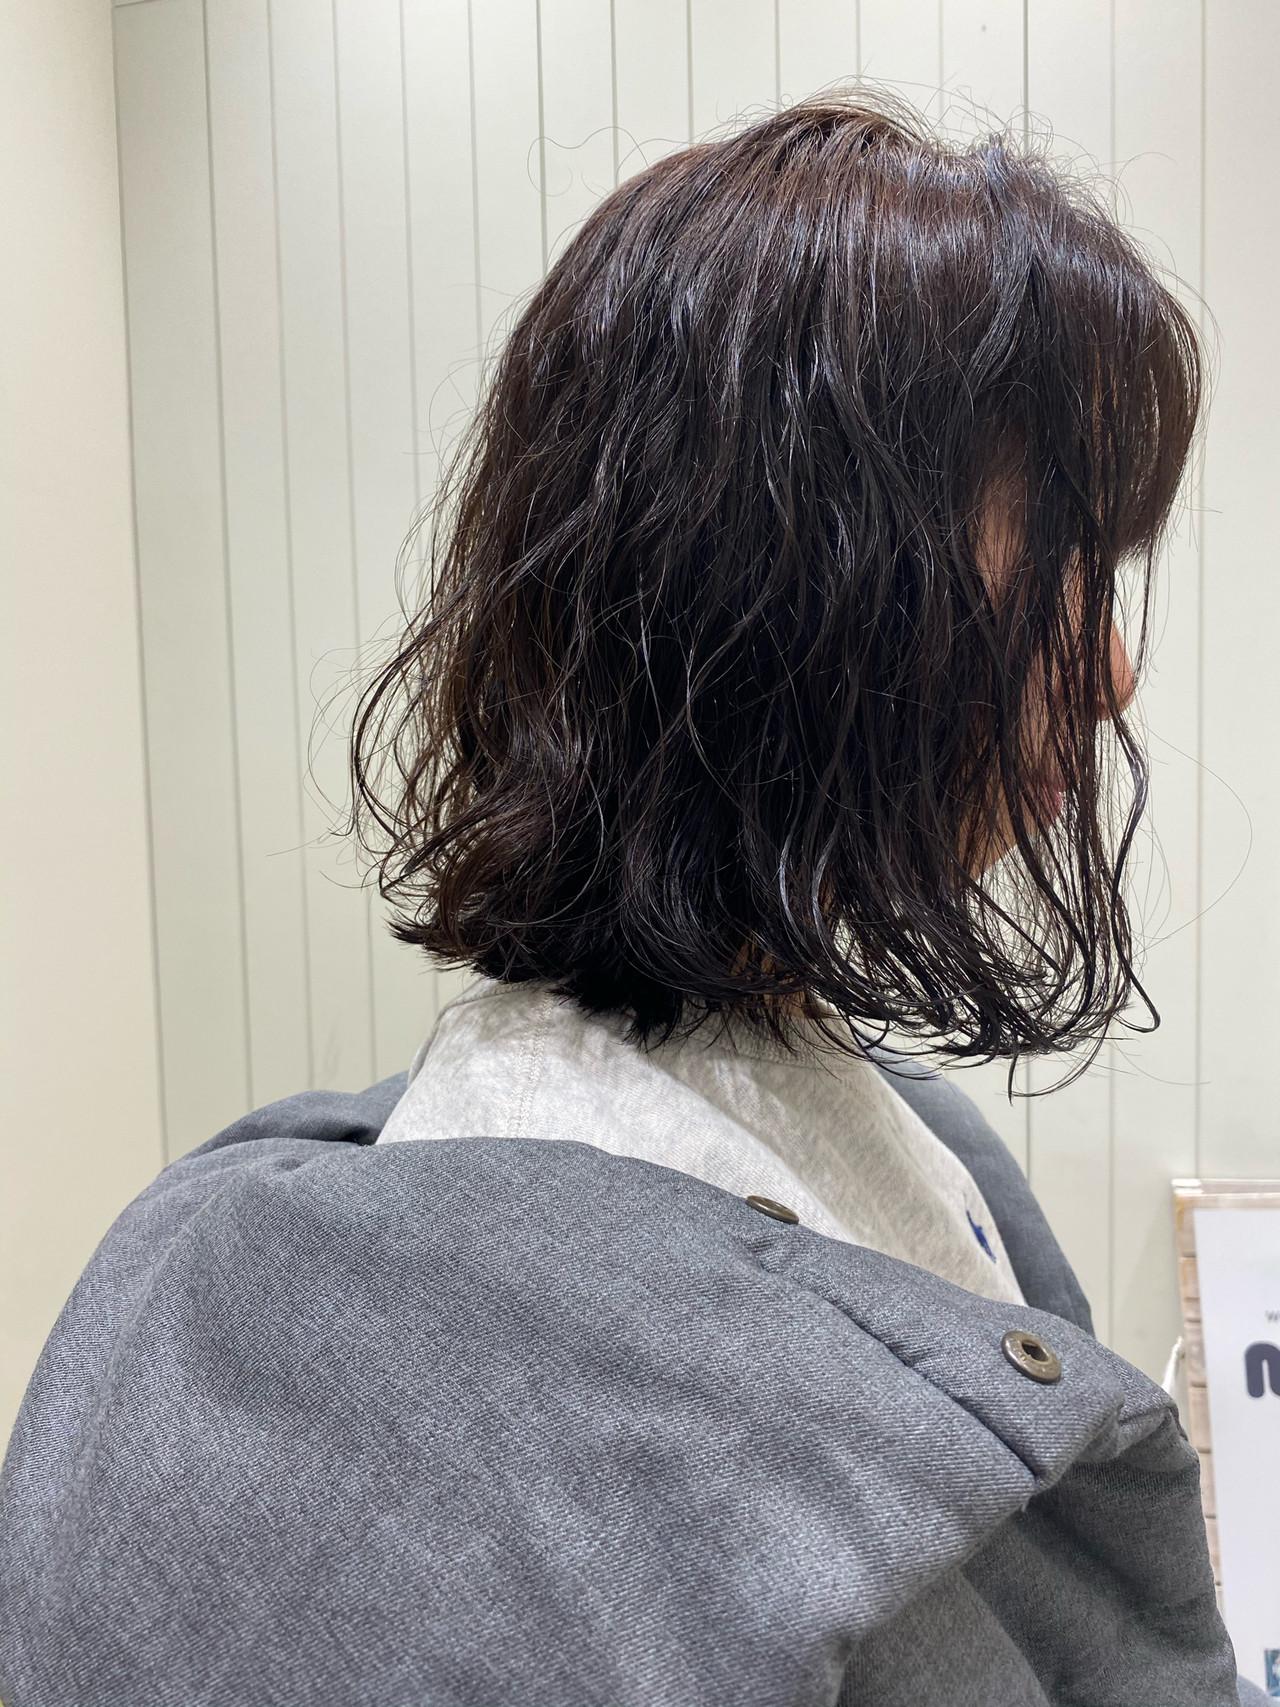 ナチュラル ゆるふわパーマ ミディアム 無造作パーマ ヘアスタイルや髪型の写真・画像